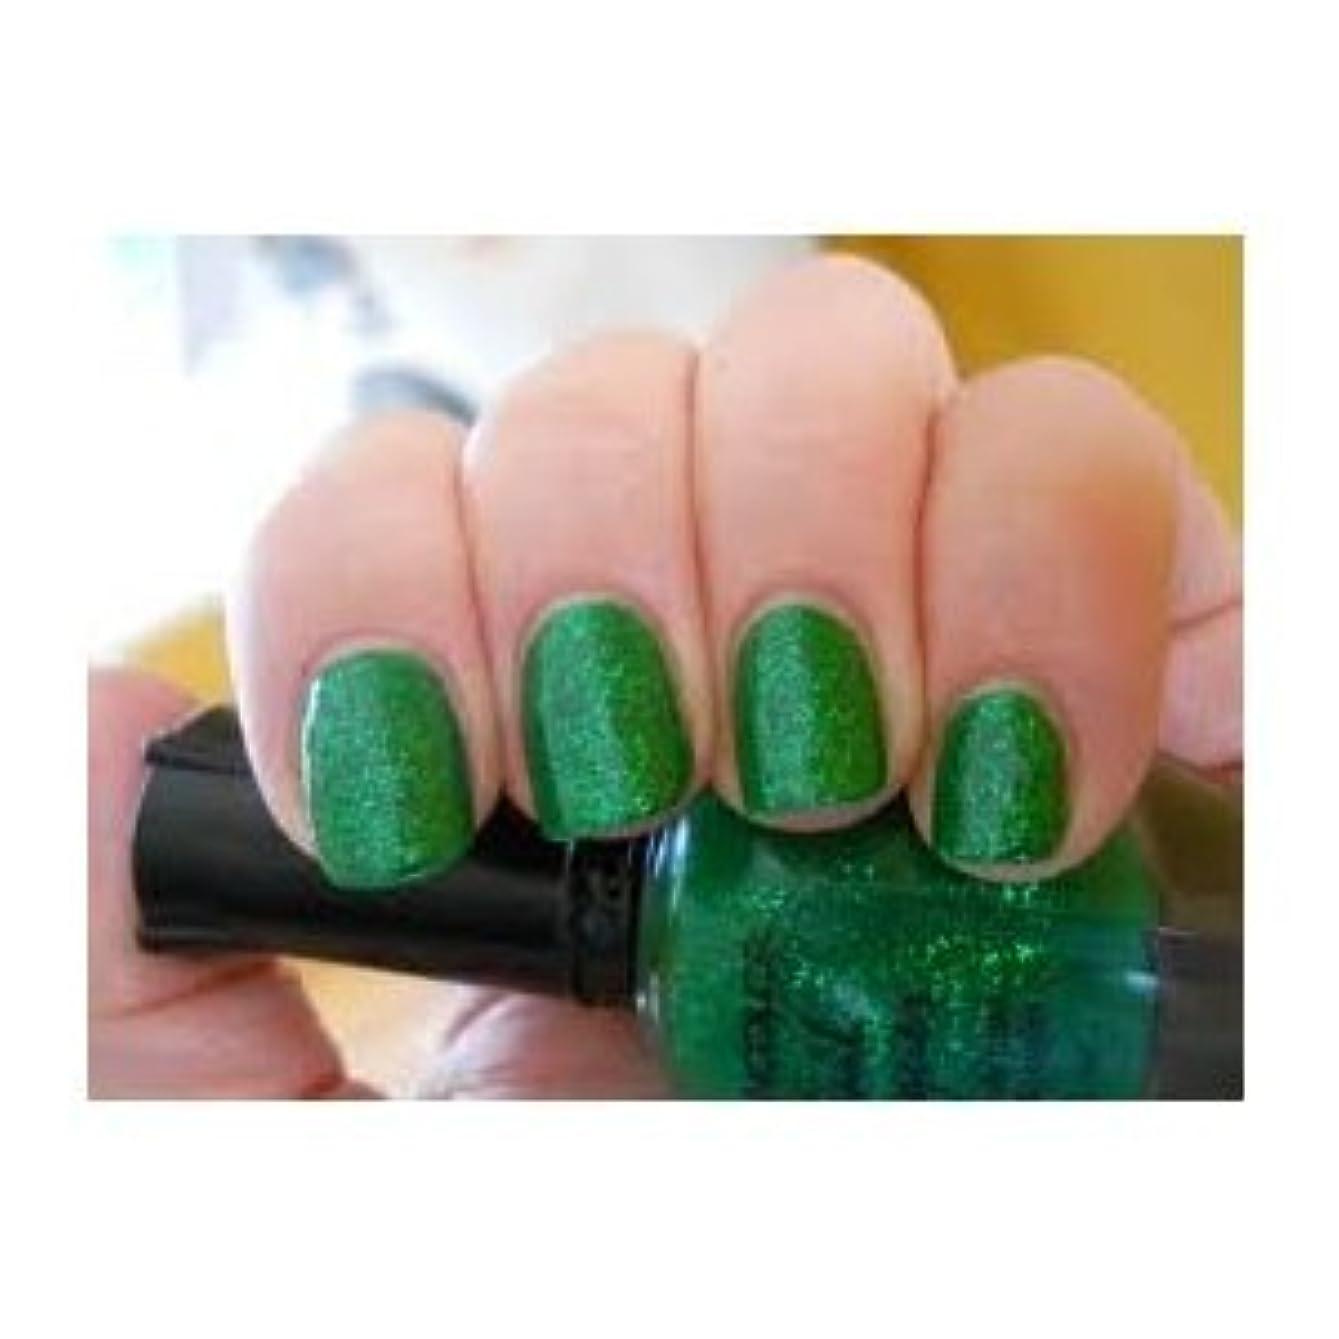 超えて見捨てられた論争的KLEANCOLOR Nail Lacquer 2 - Green Grass (並行輸入品)